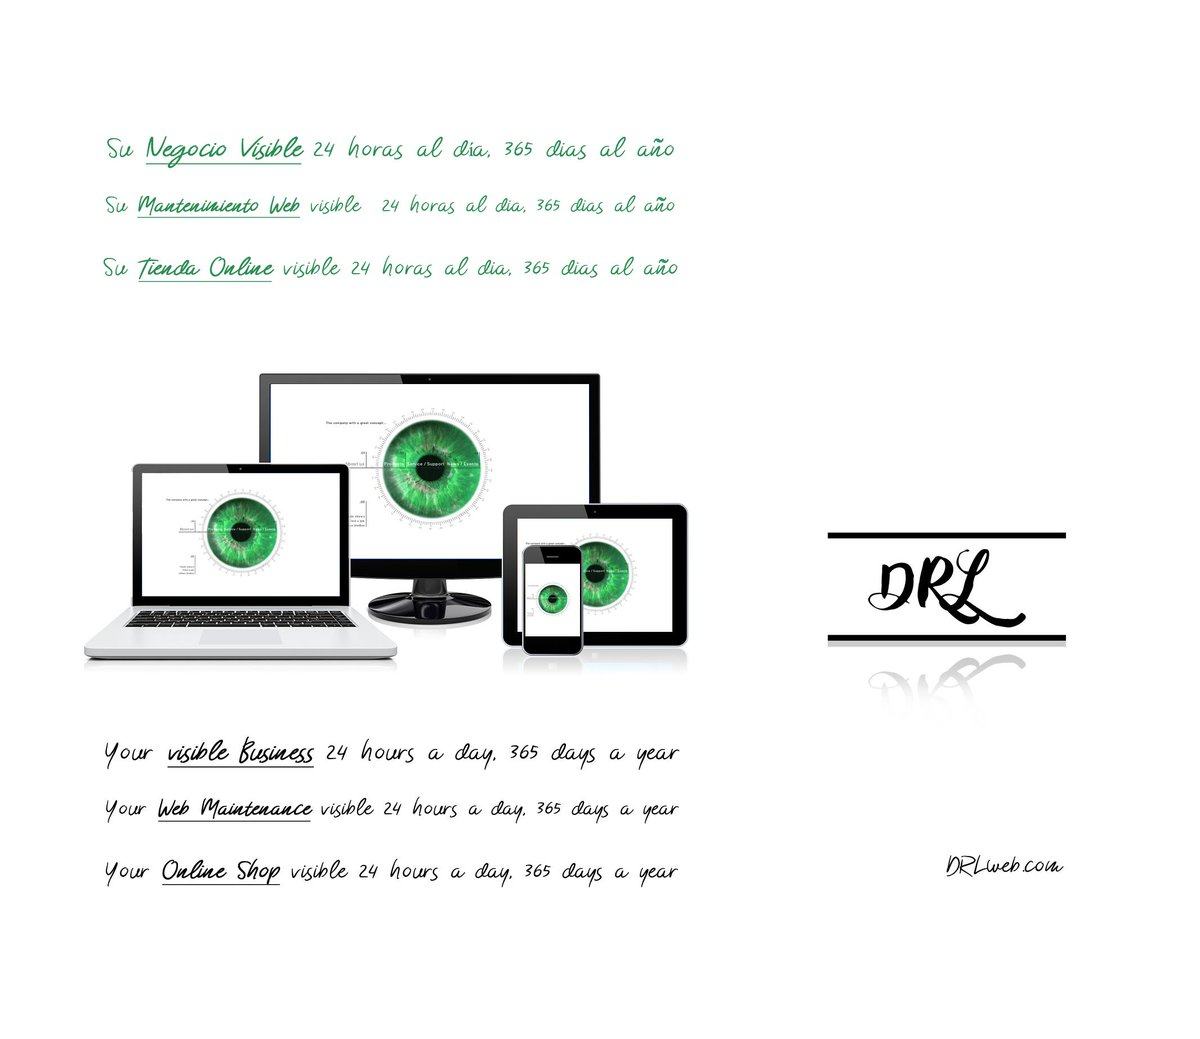 Su Negocio visible 24 horas al día, 365 días al año Su Mantenimiento Web visible  24 horas al día, 365 días al año Su Tienda Online visible 24 horas al dia, 365 días al año -  http://DRLweb.com  #Negociovisible #MantenimientoWeb #TiendaOnline #visibleBusiness